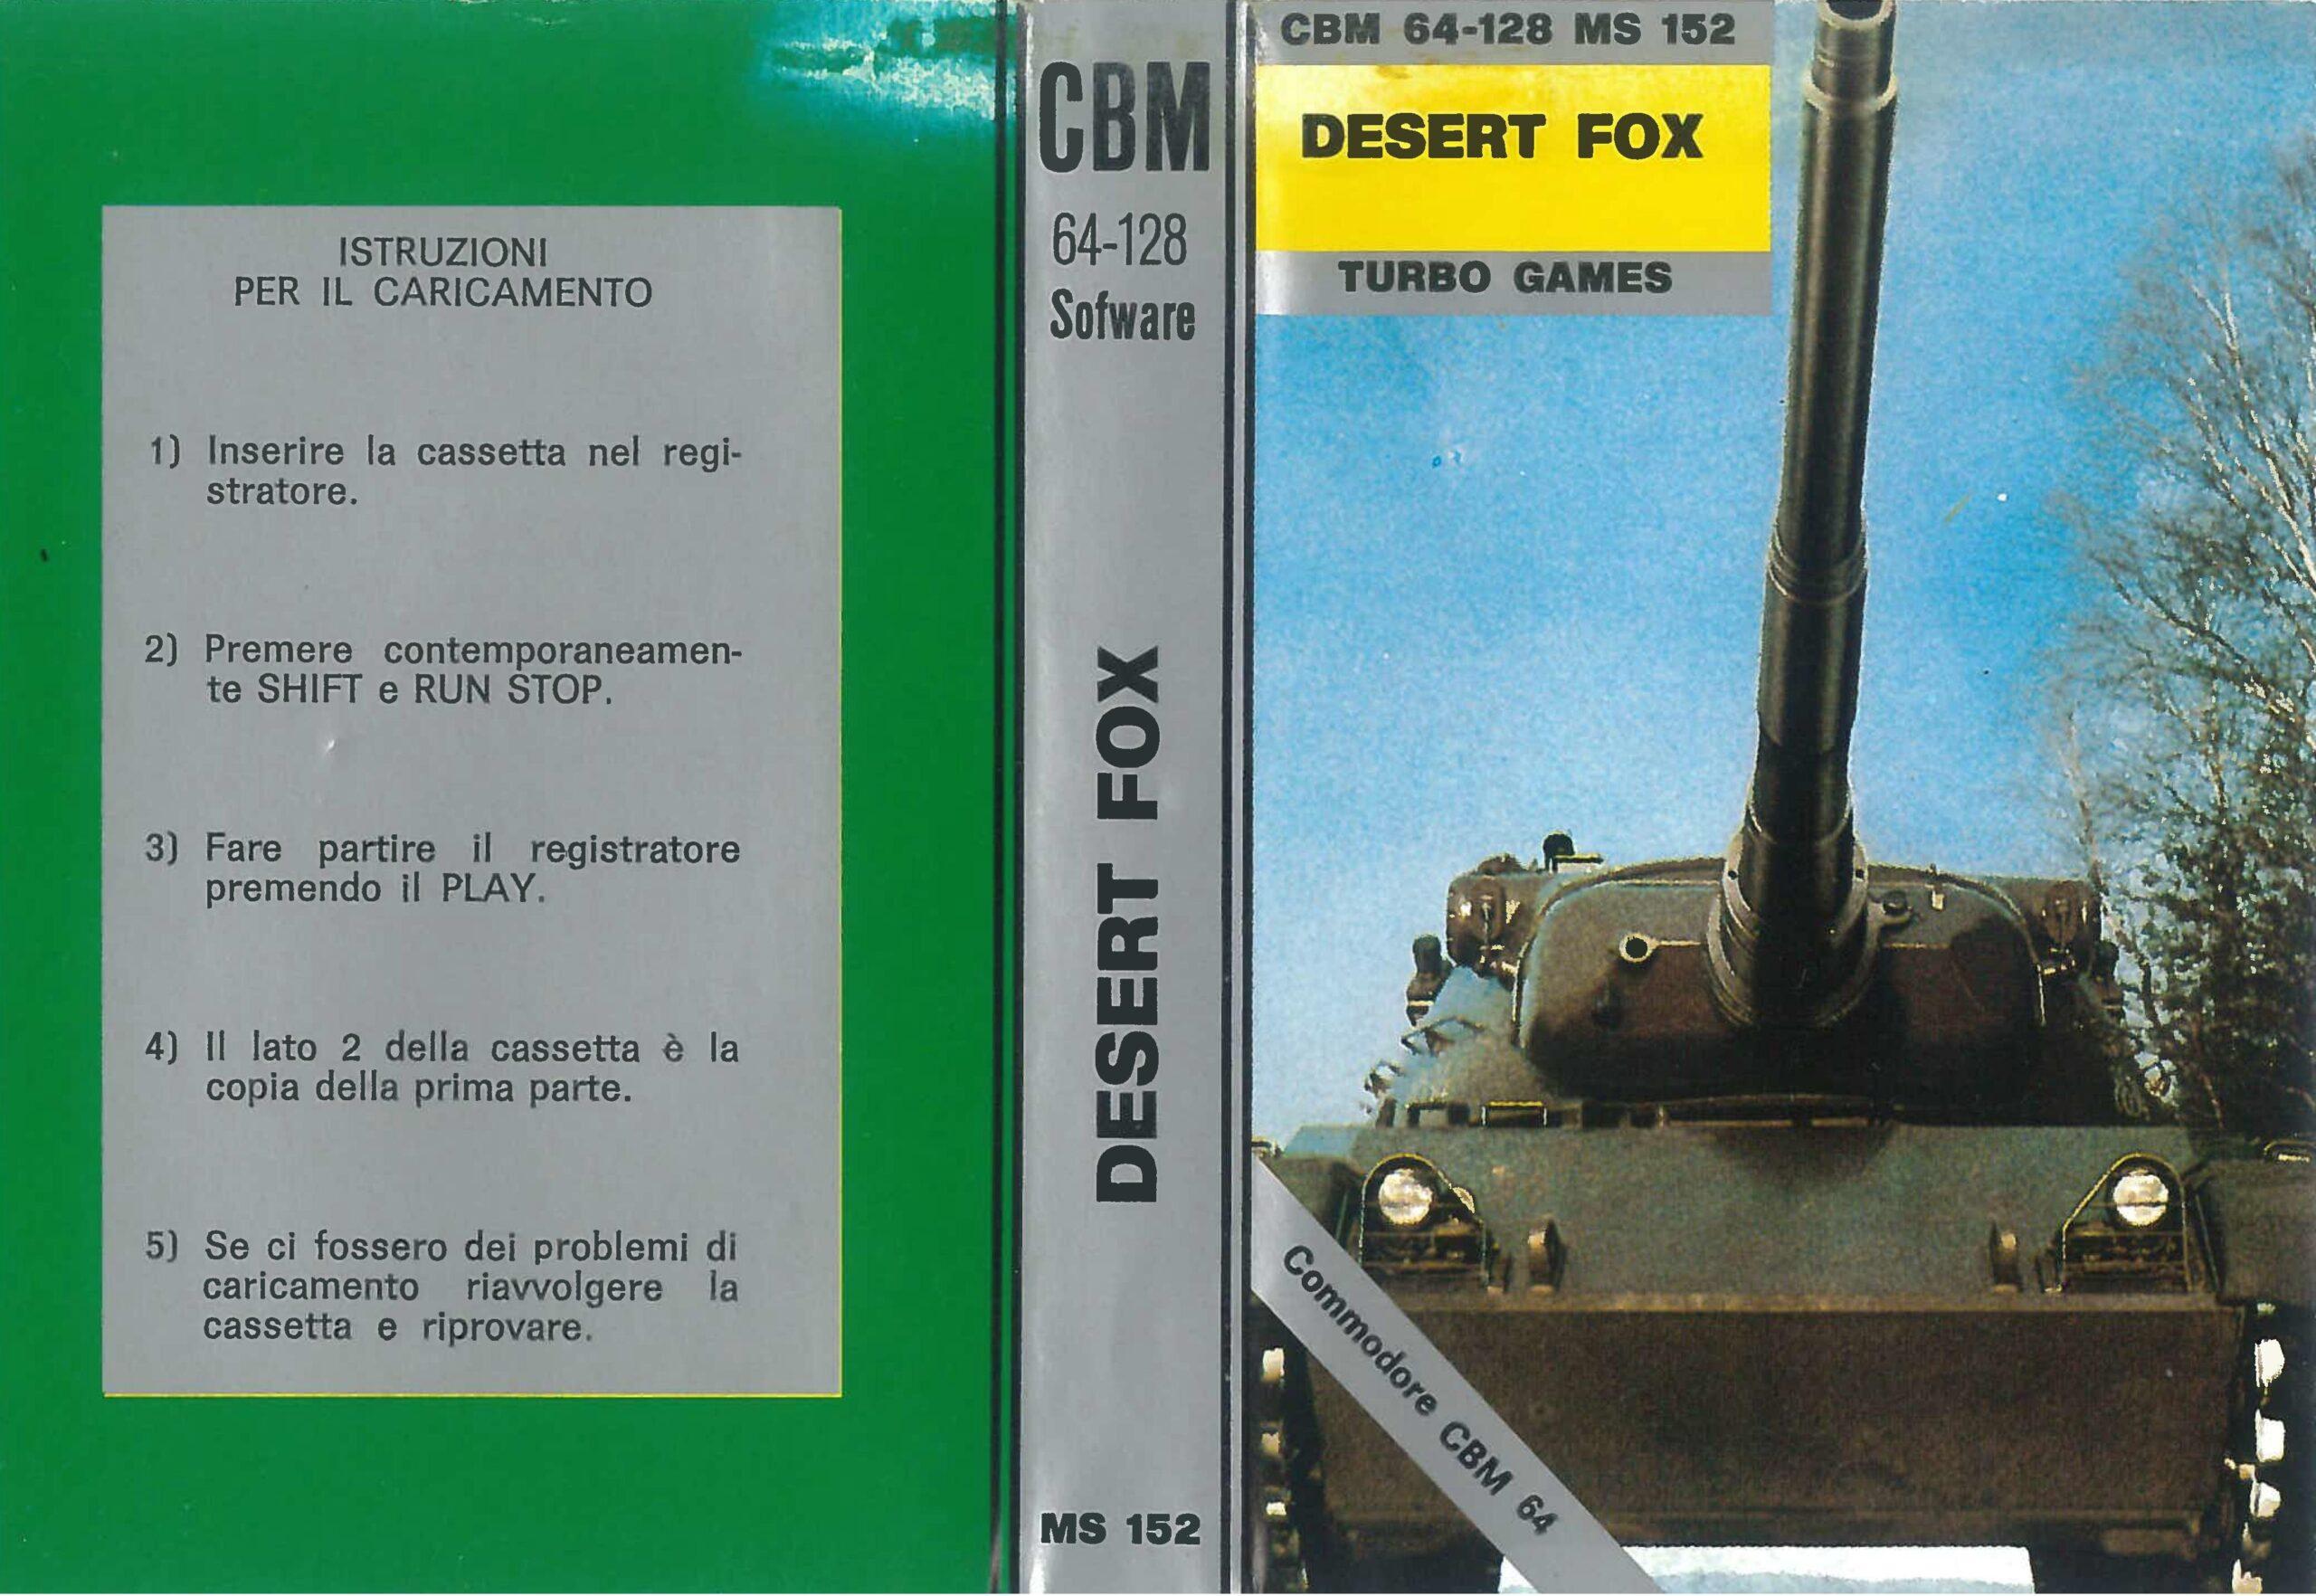 DESERT FOX MS 152